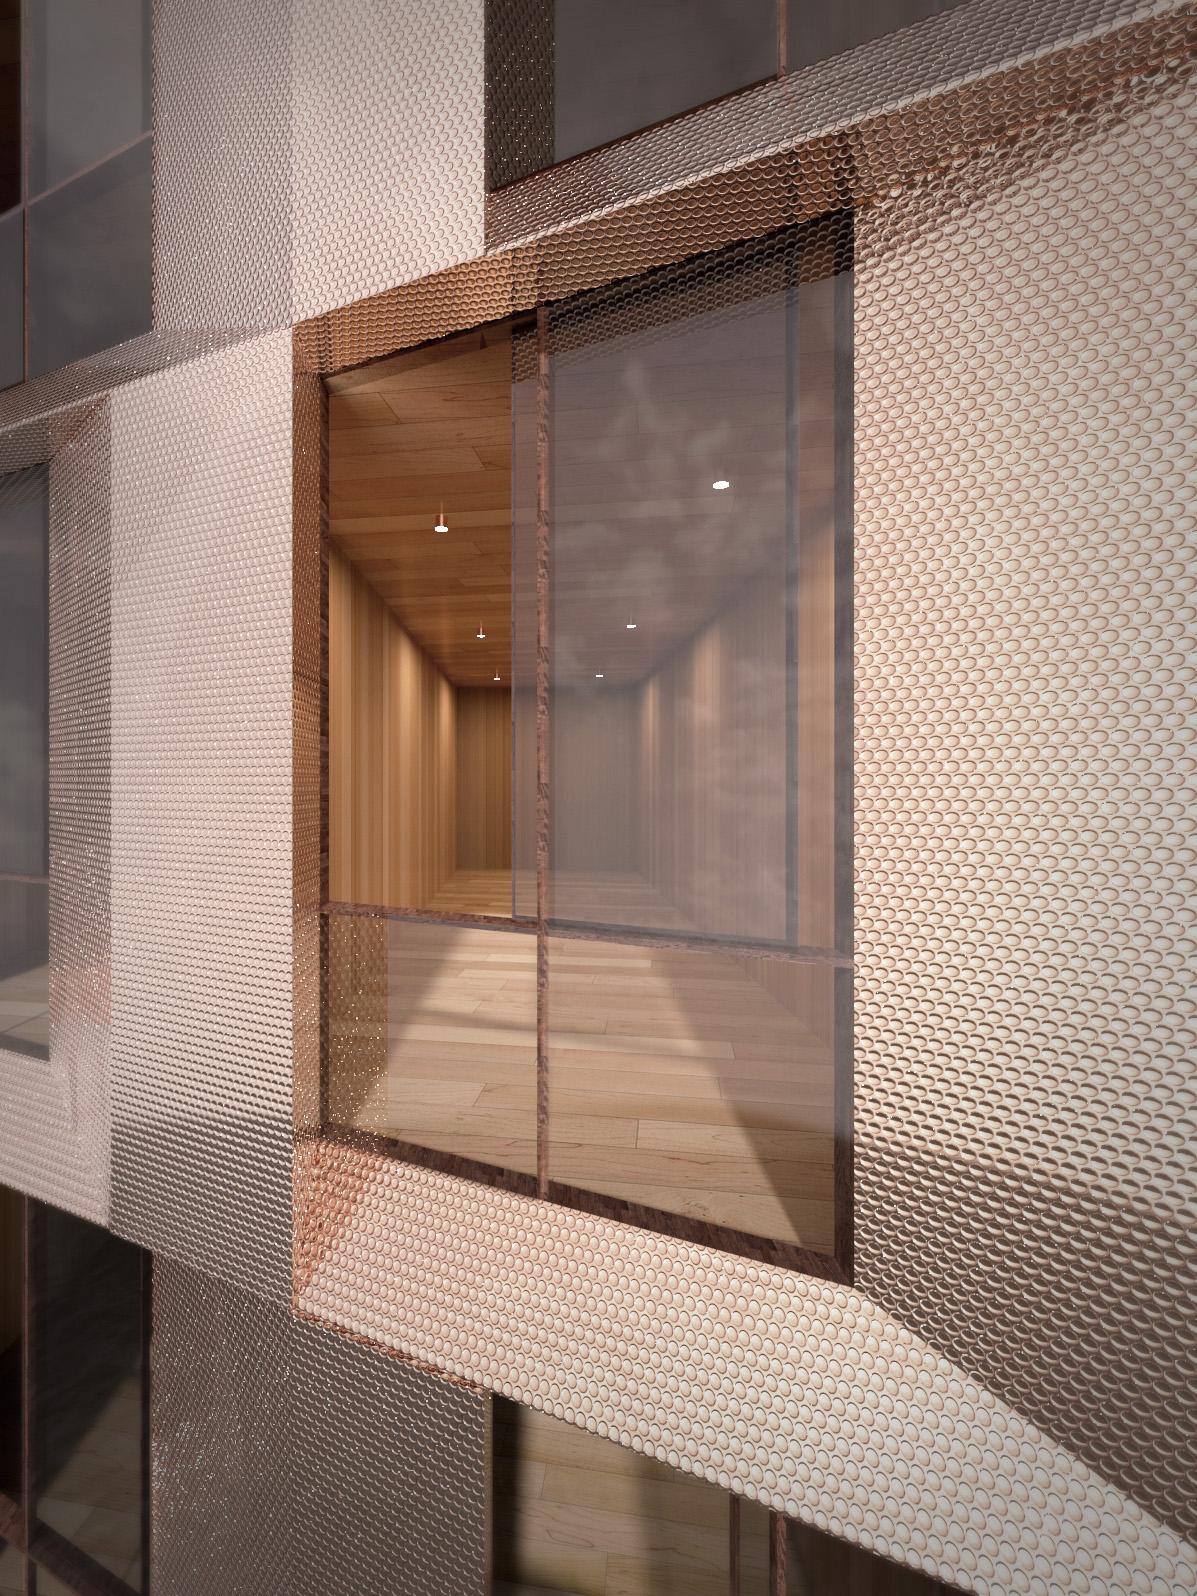 Micro unit facade design john klein.jpg